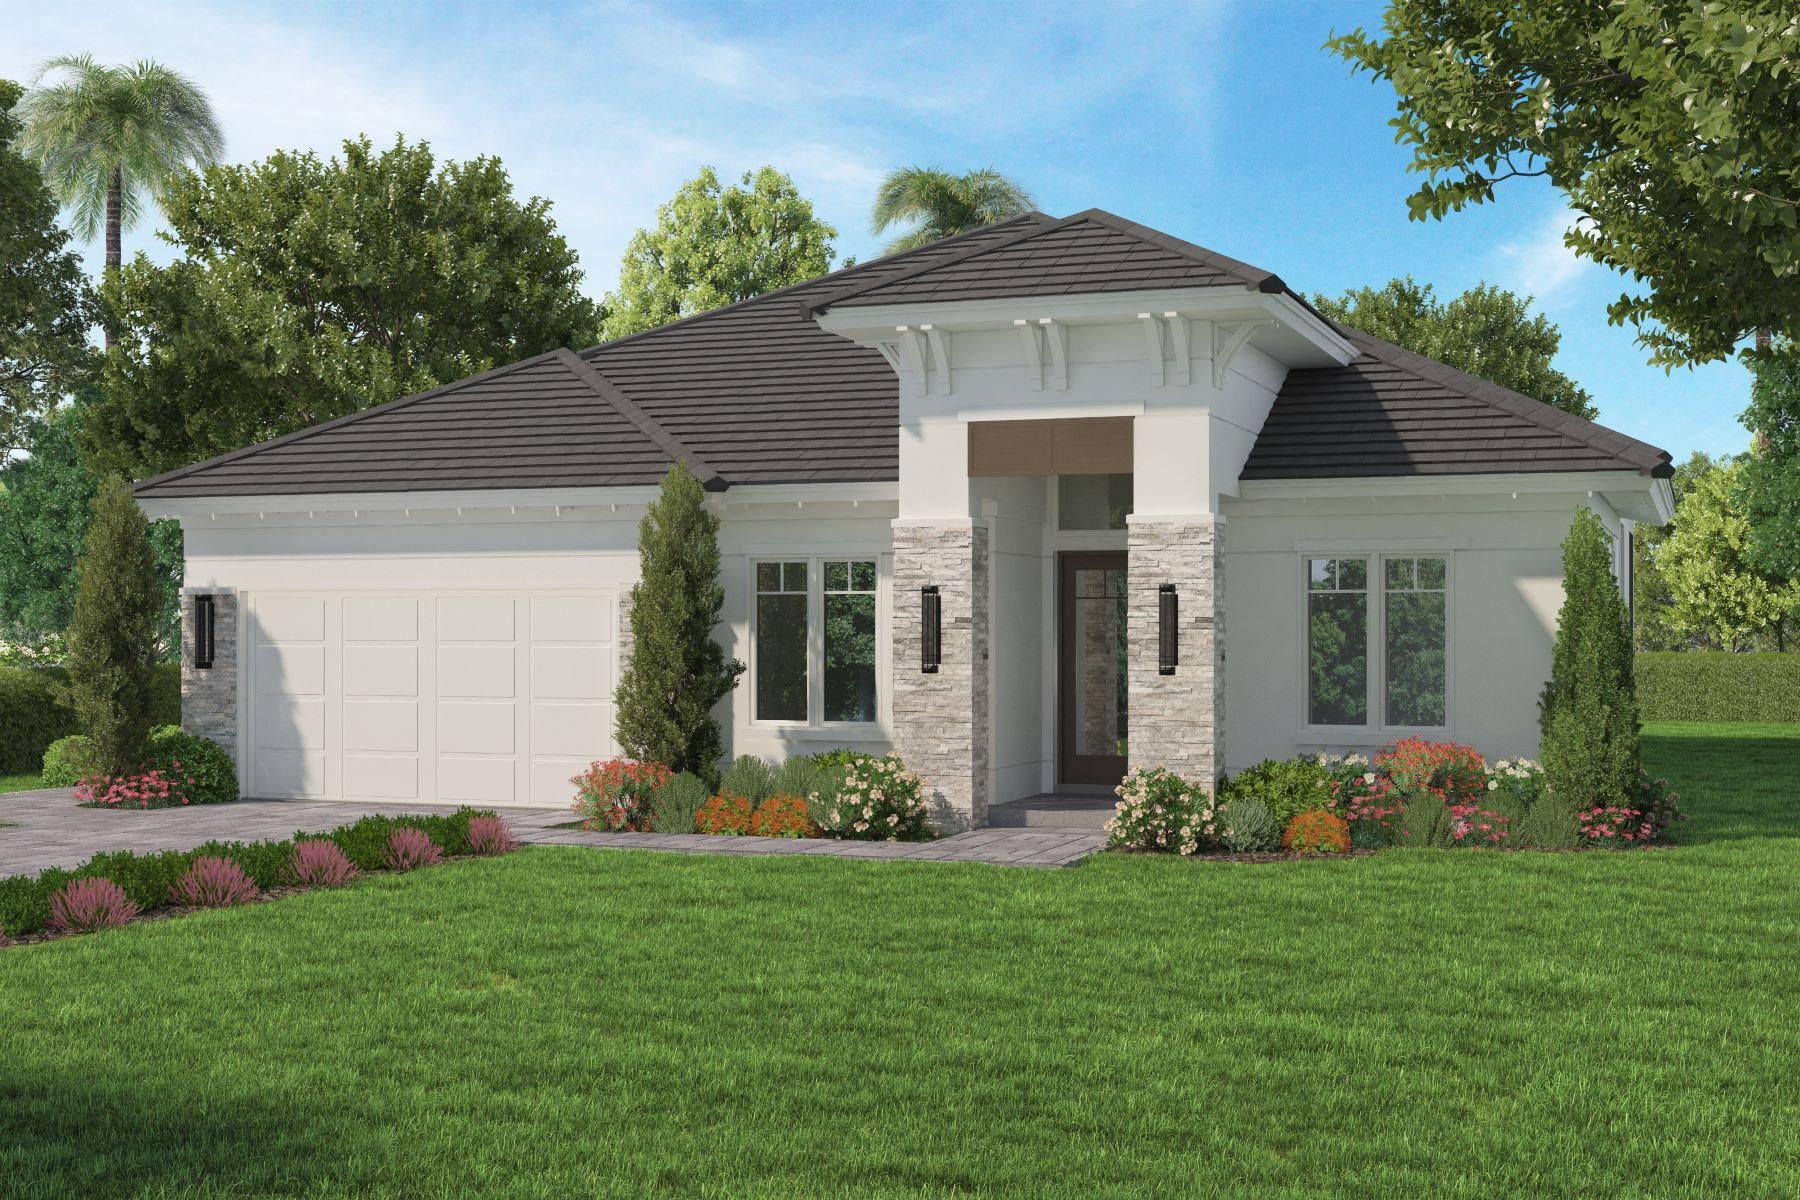 9261 Orchid Cove Circle 9261 Orchid Cove Circle Vero Beach, Floride 32963 États-Unis